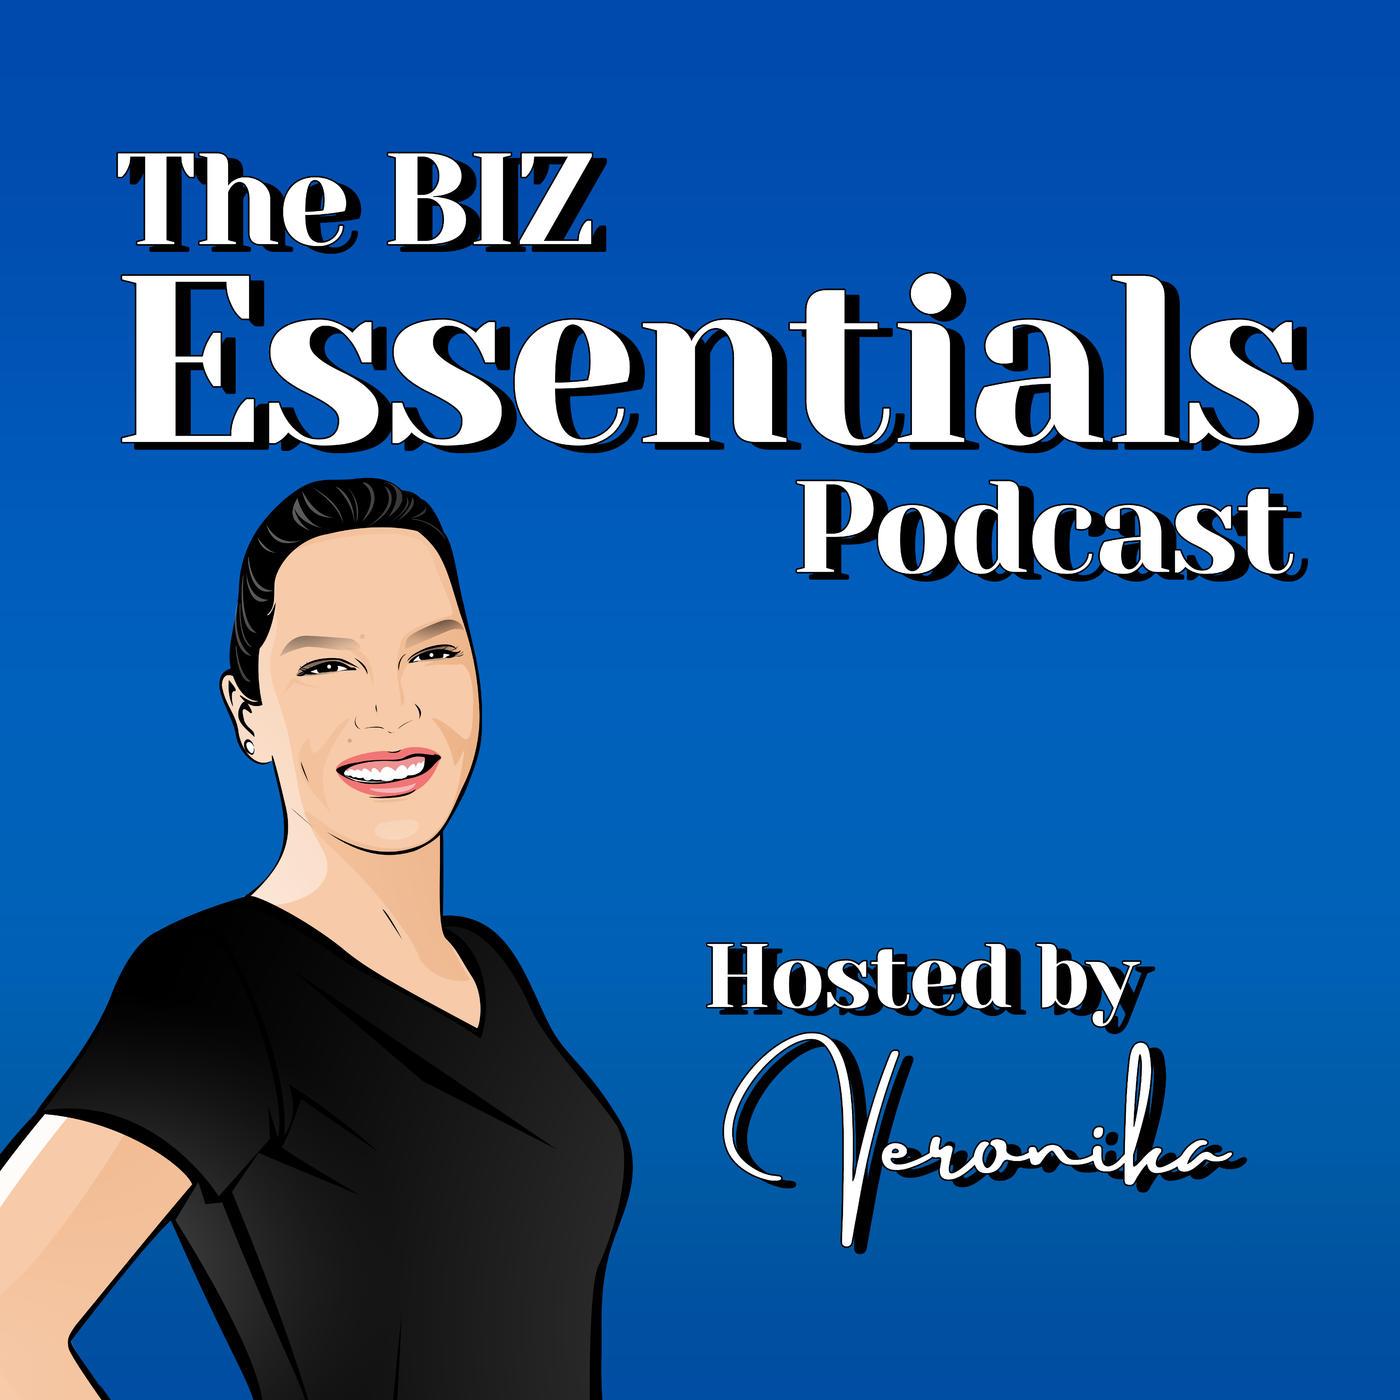 The Biz Essentials